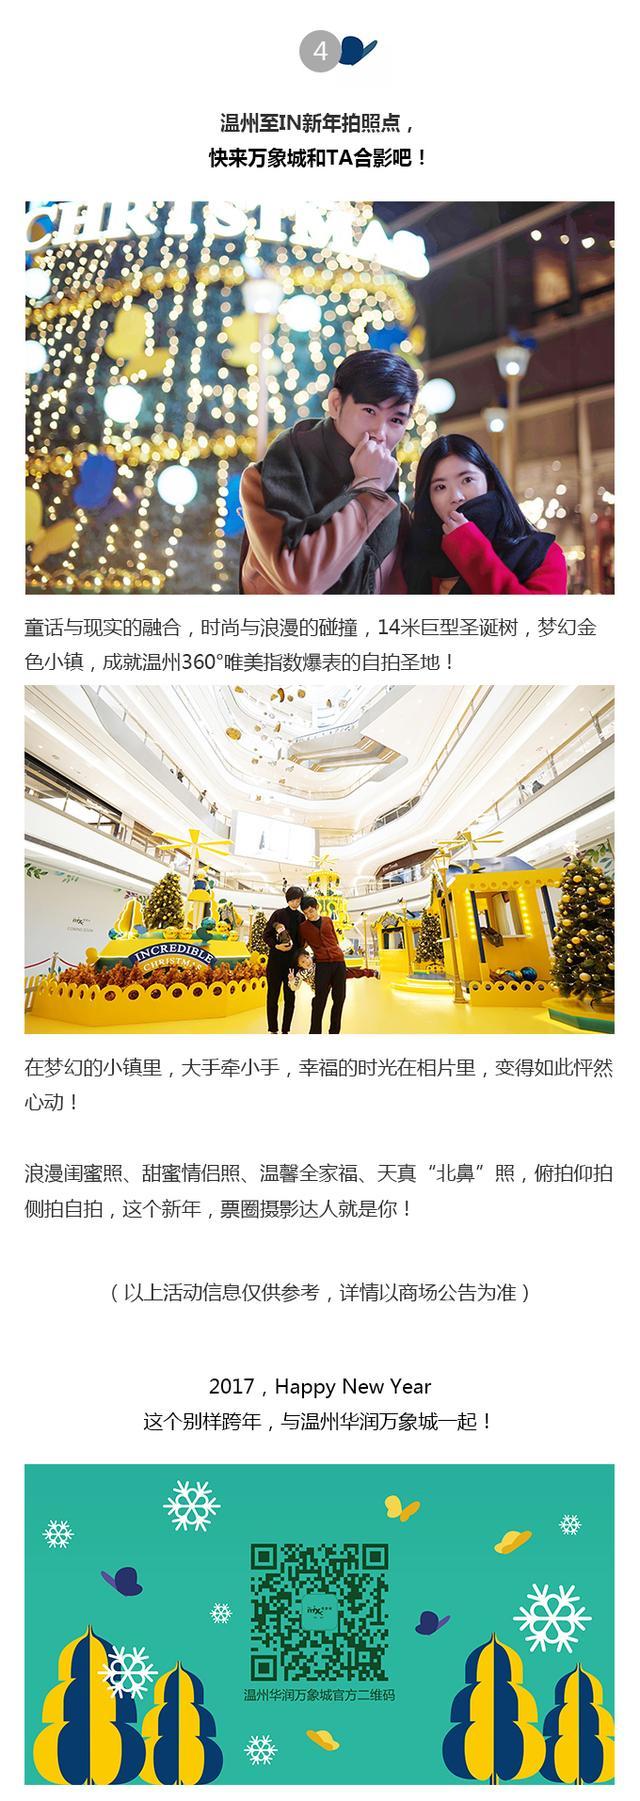 温州万象城跨年狂欢季